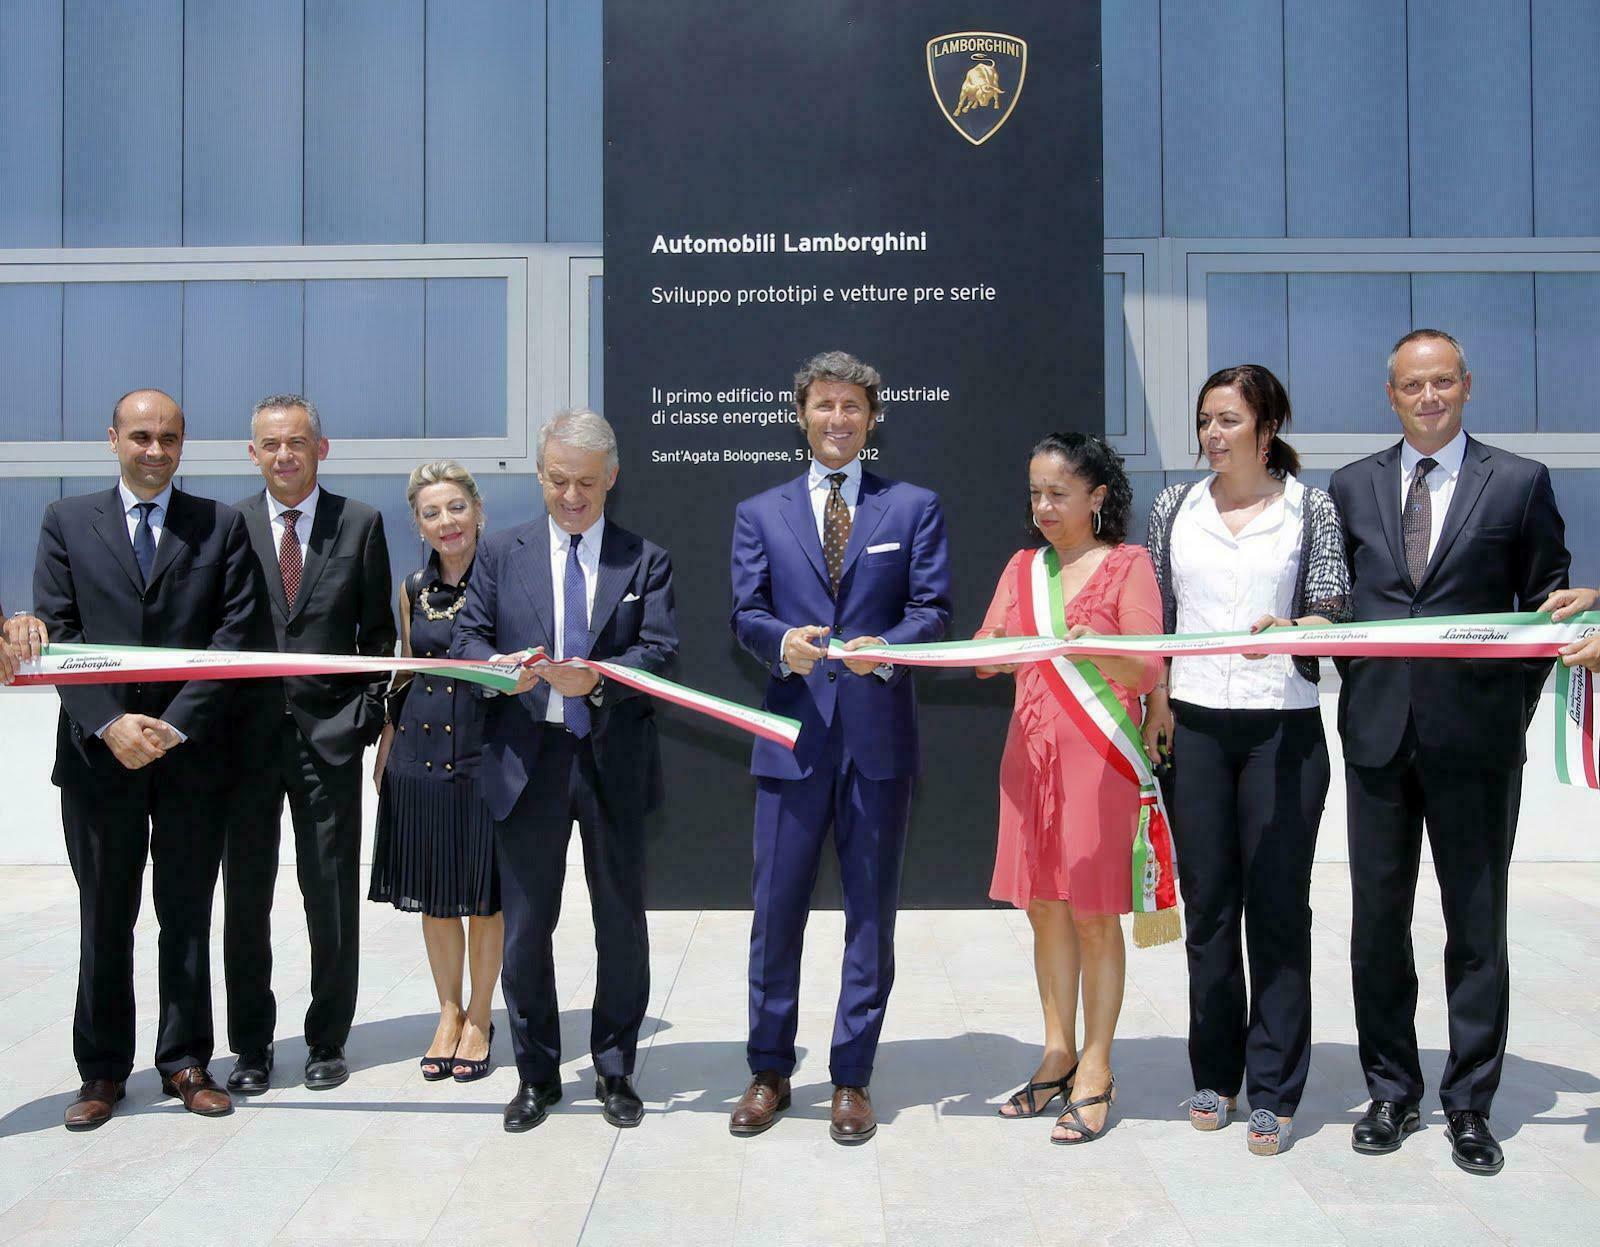 Lamborghini inaugura complexo industrial para protótipos e veículos pré-série